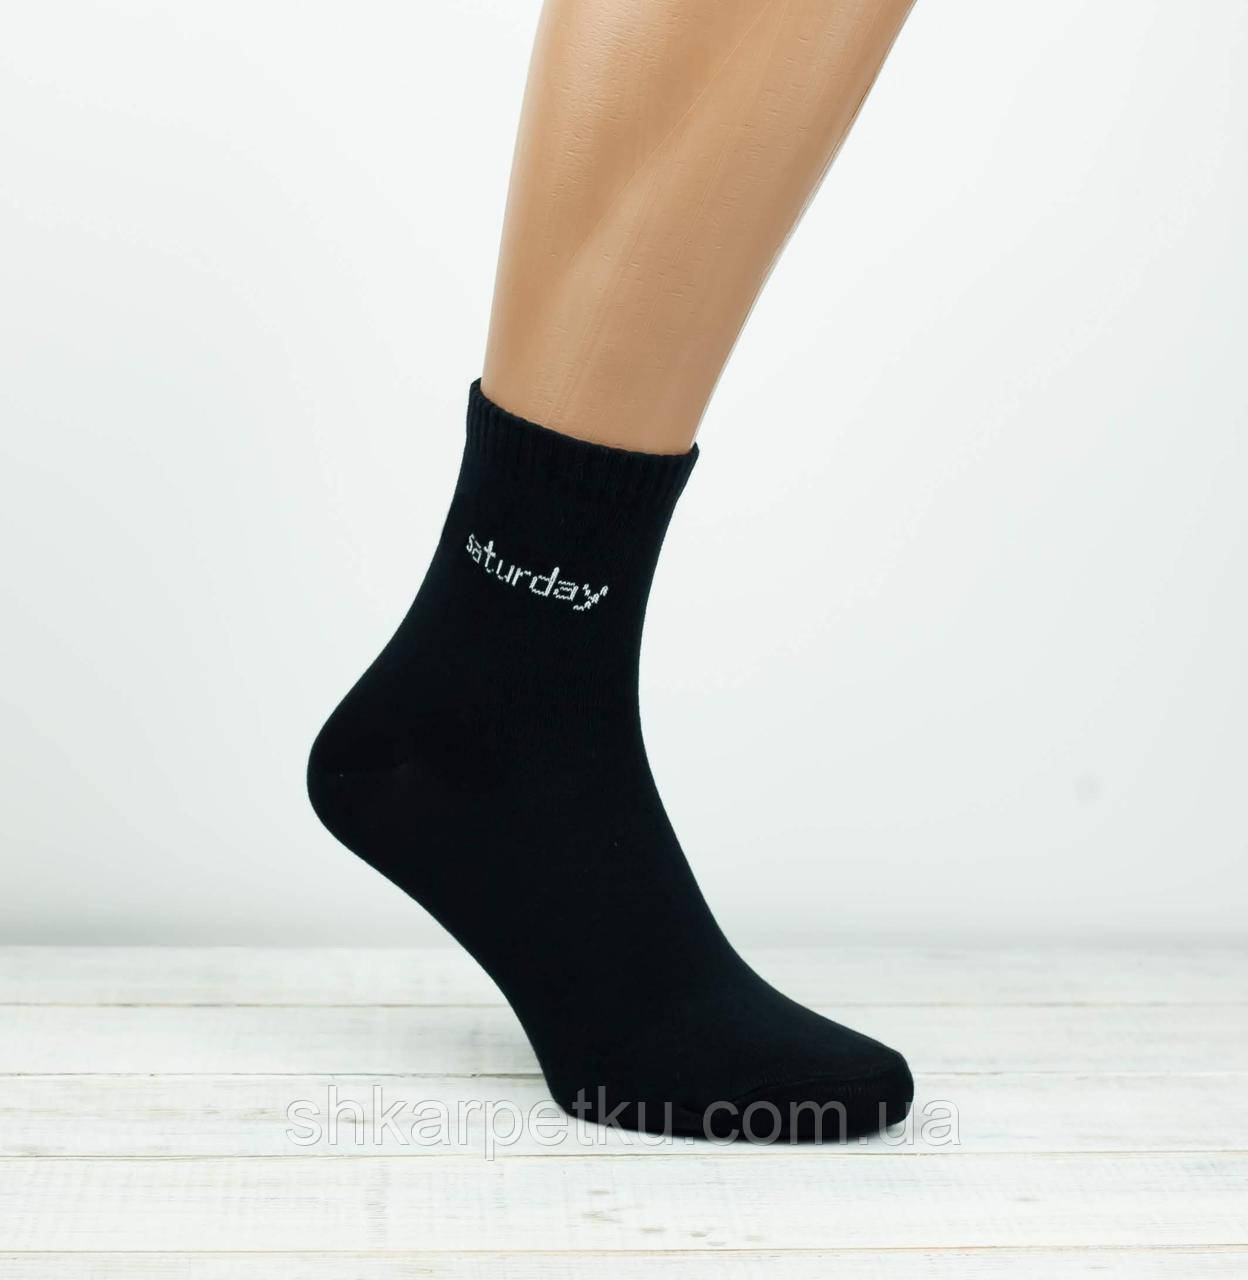 Чоловічі носки Montebello шкарпетки з бавовни з днями тижня неділька 41-44 12 шт в уп чорні